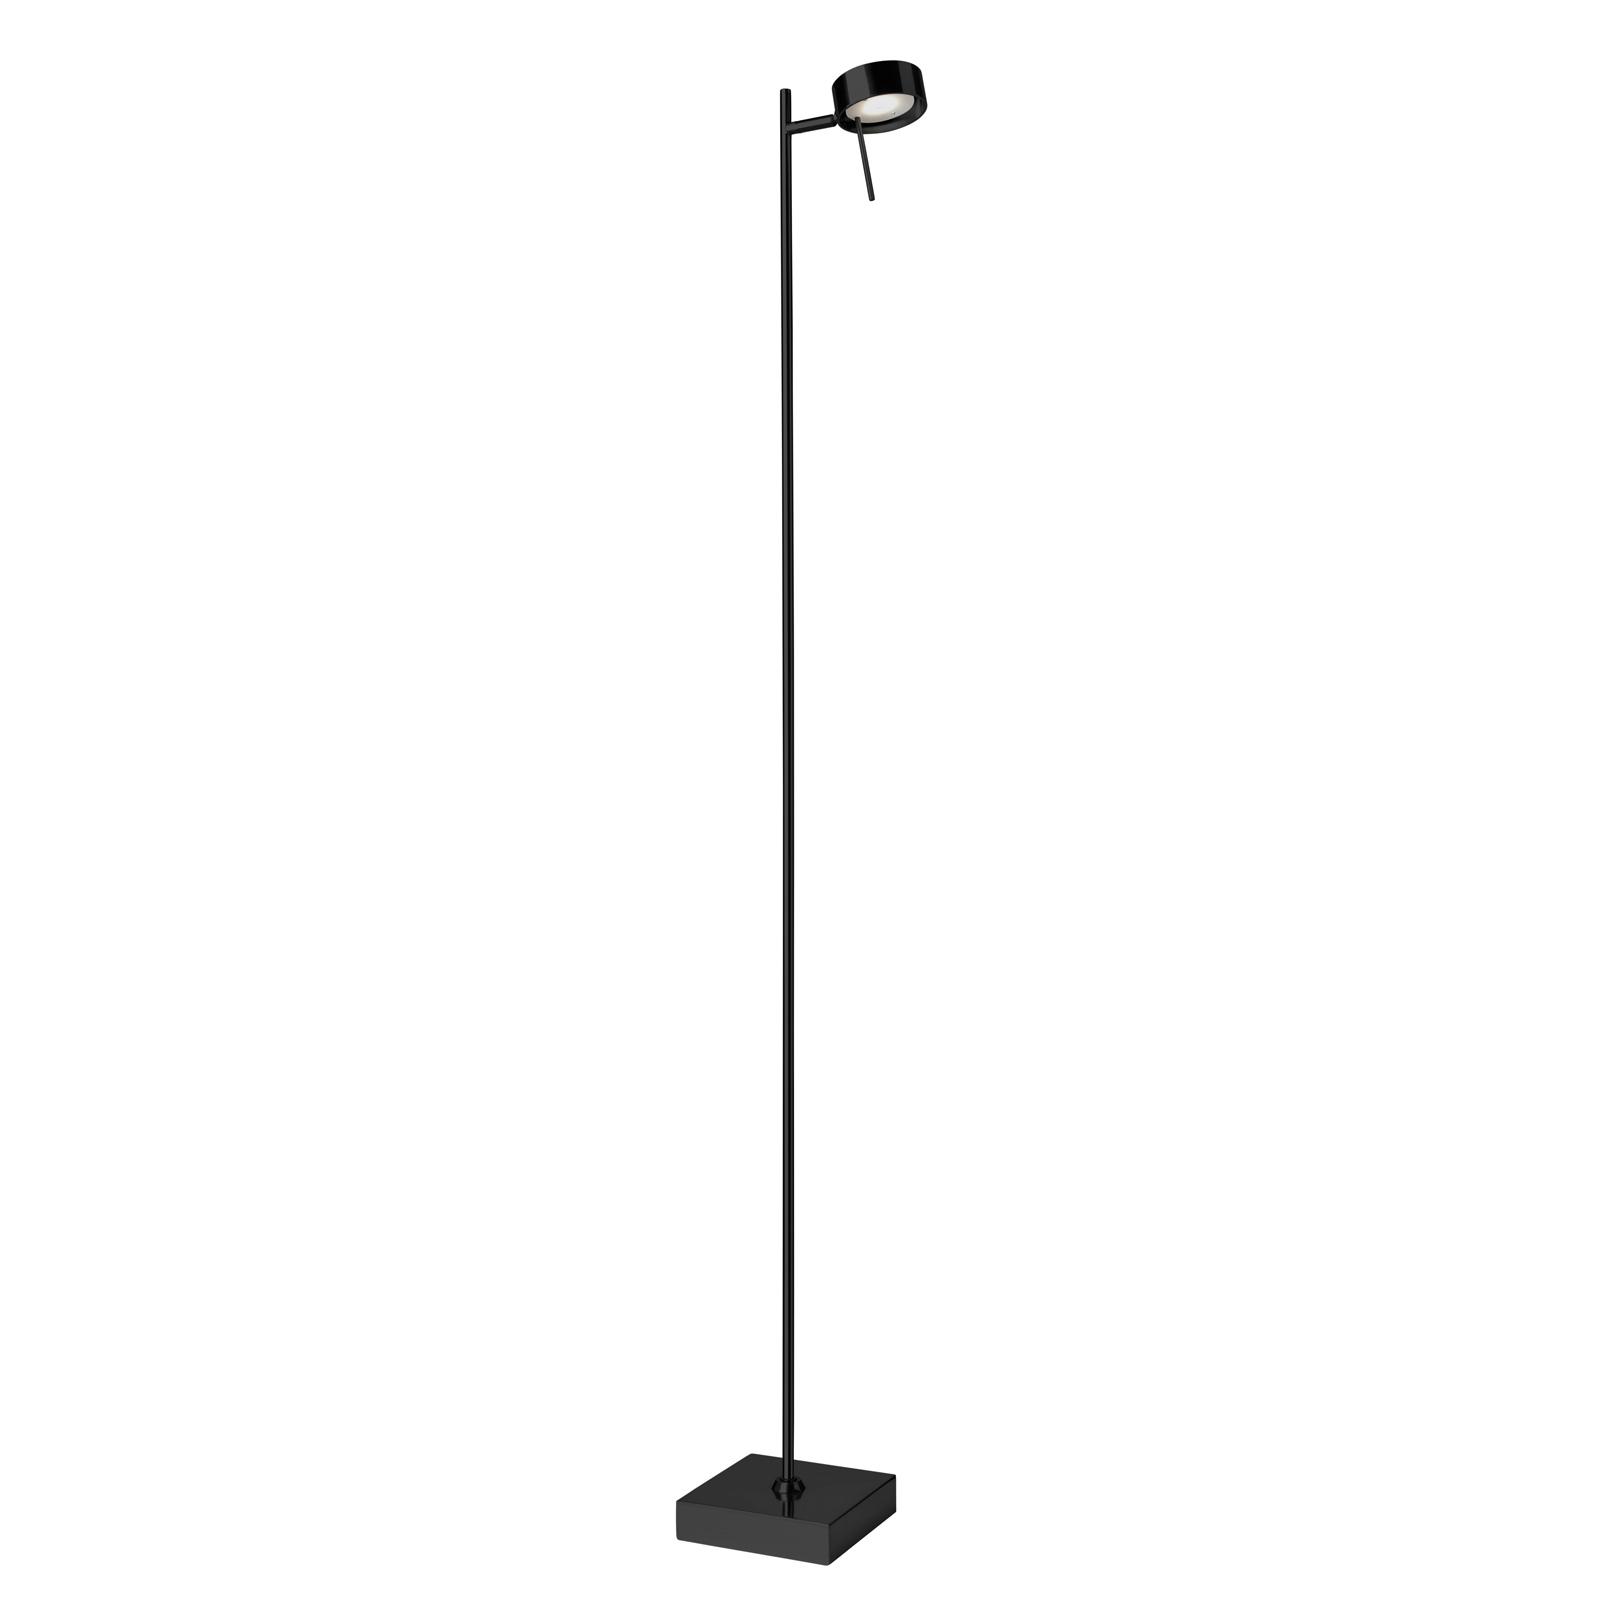 Lampa stojąca LED Bling, ściemniacz, 1-pkt. czarna